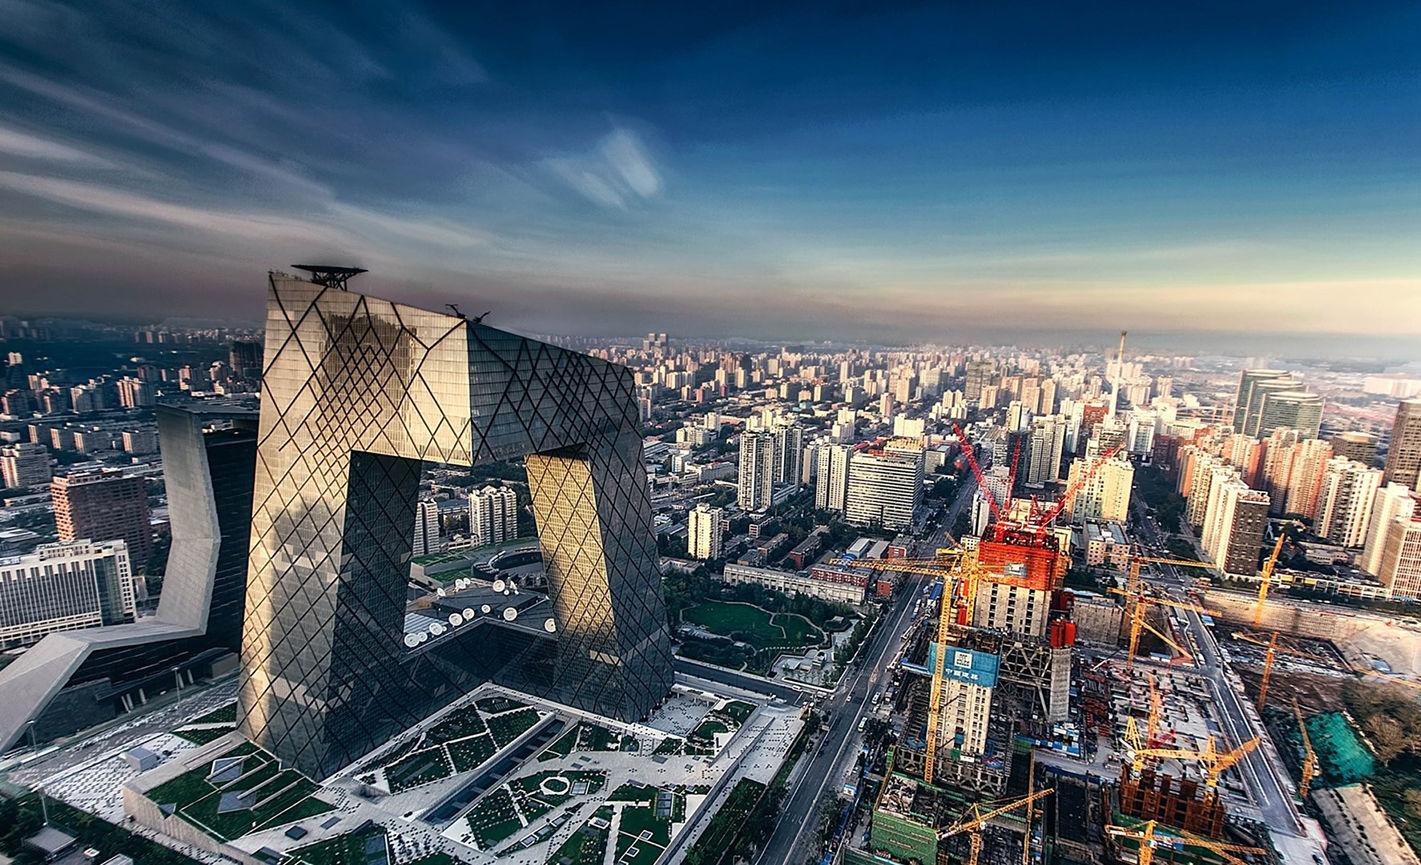 中国作家郝景芳夺雨果奖:被「折叠」的北京和断裂的中国社会